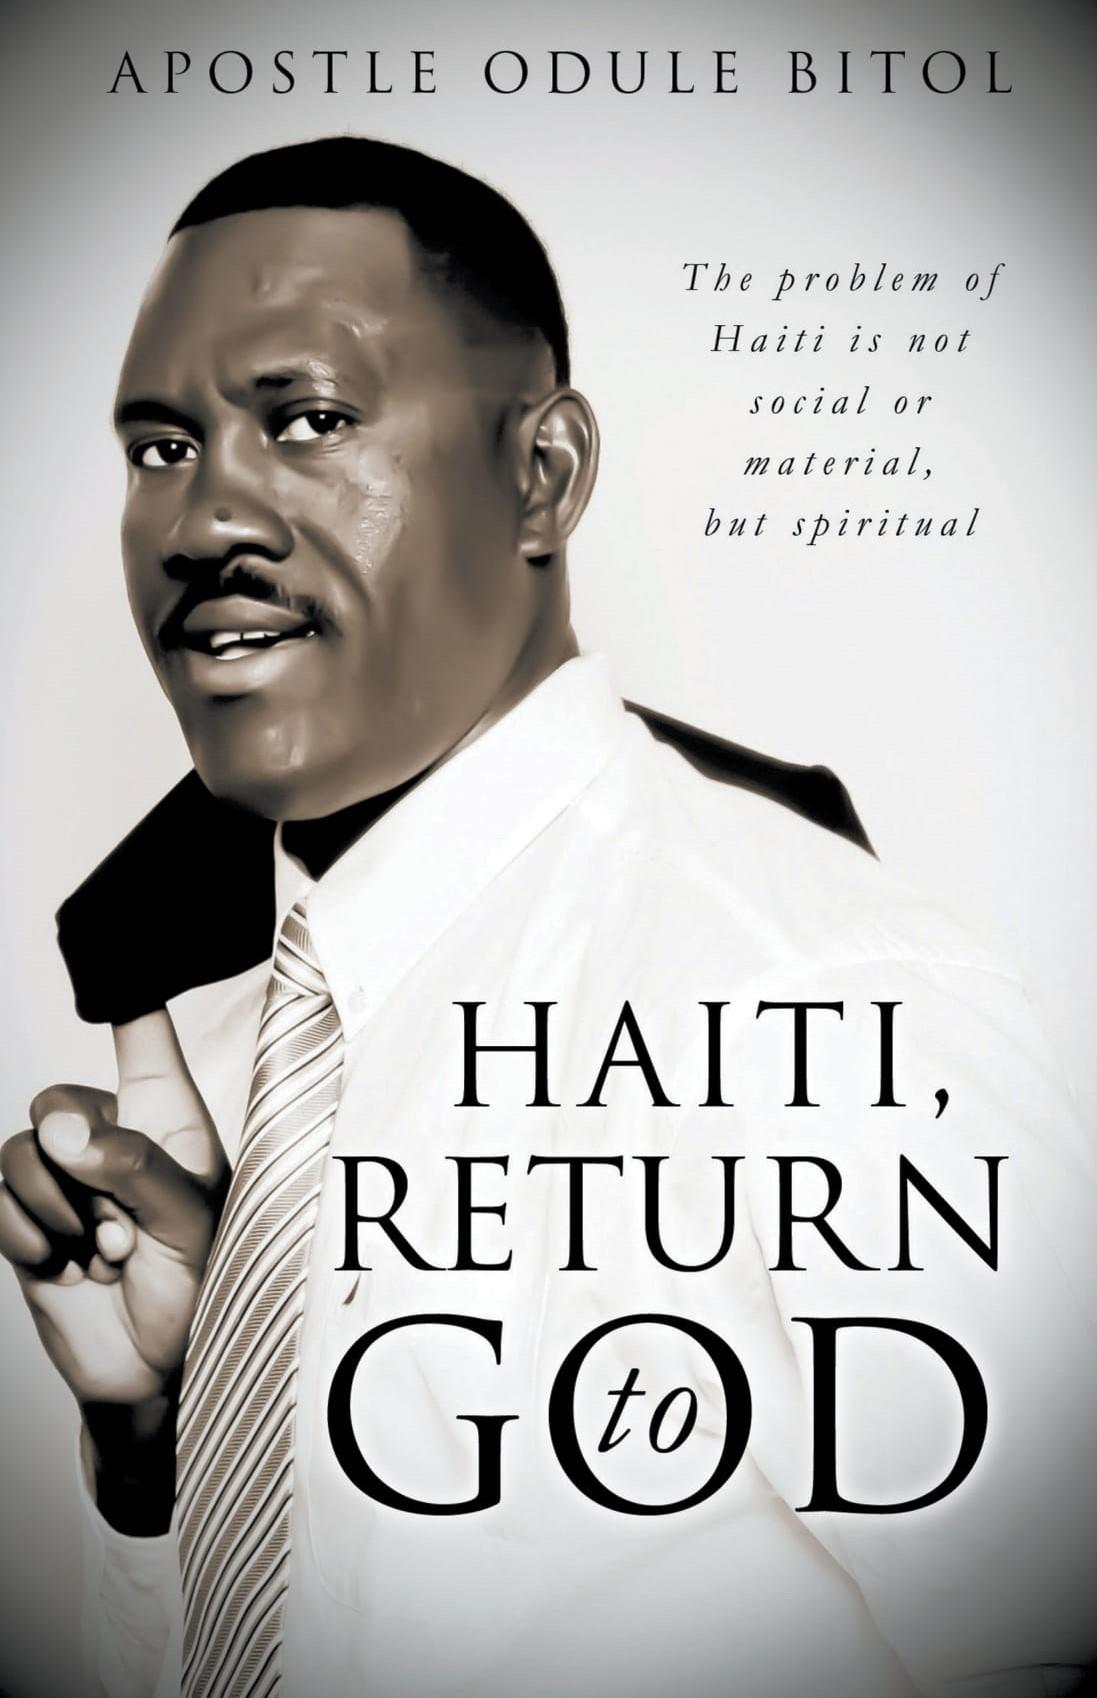 Haiti,